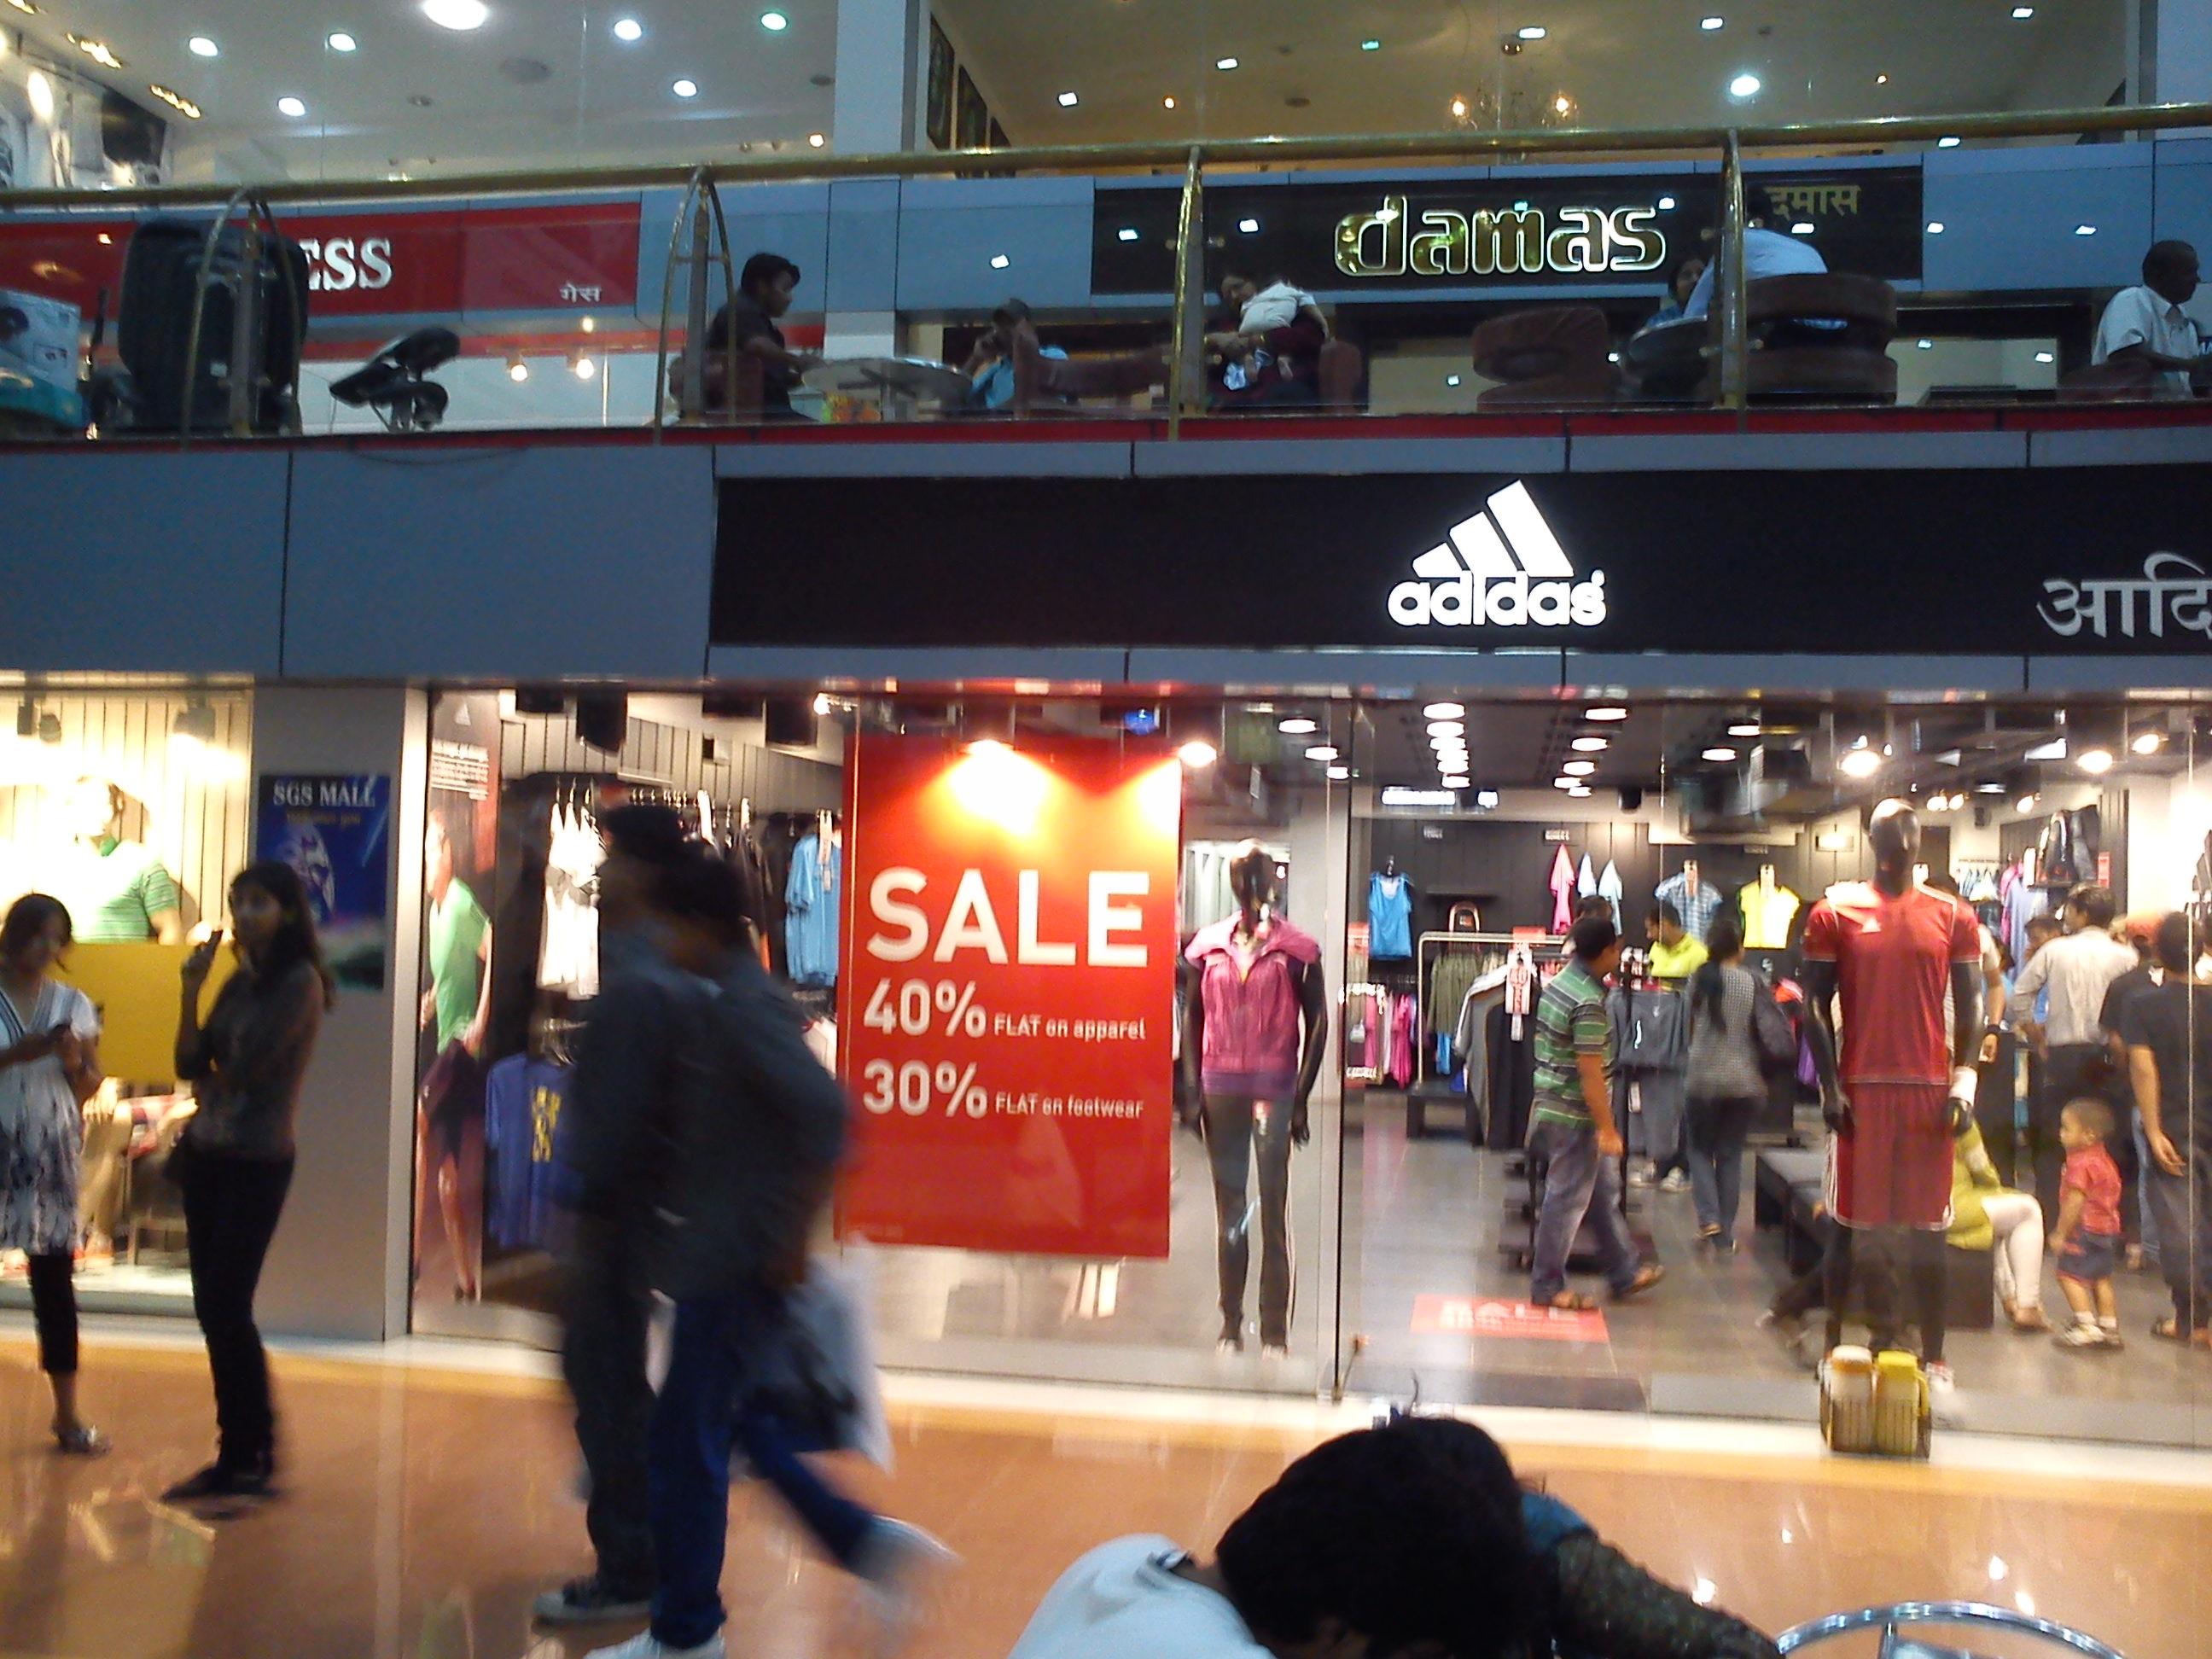 Mariplex Mall